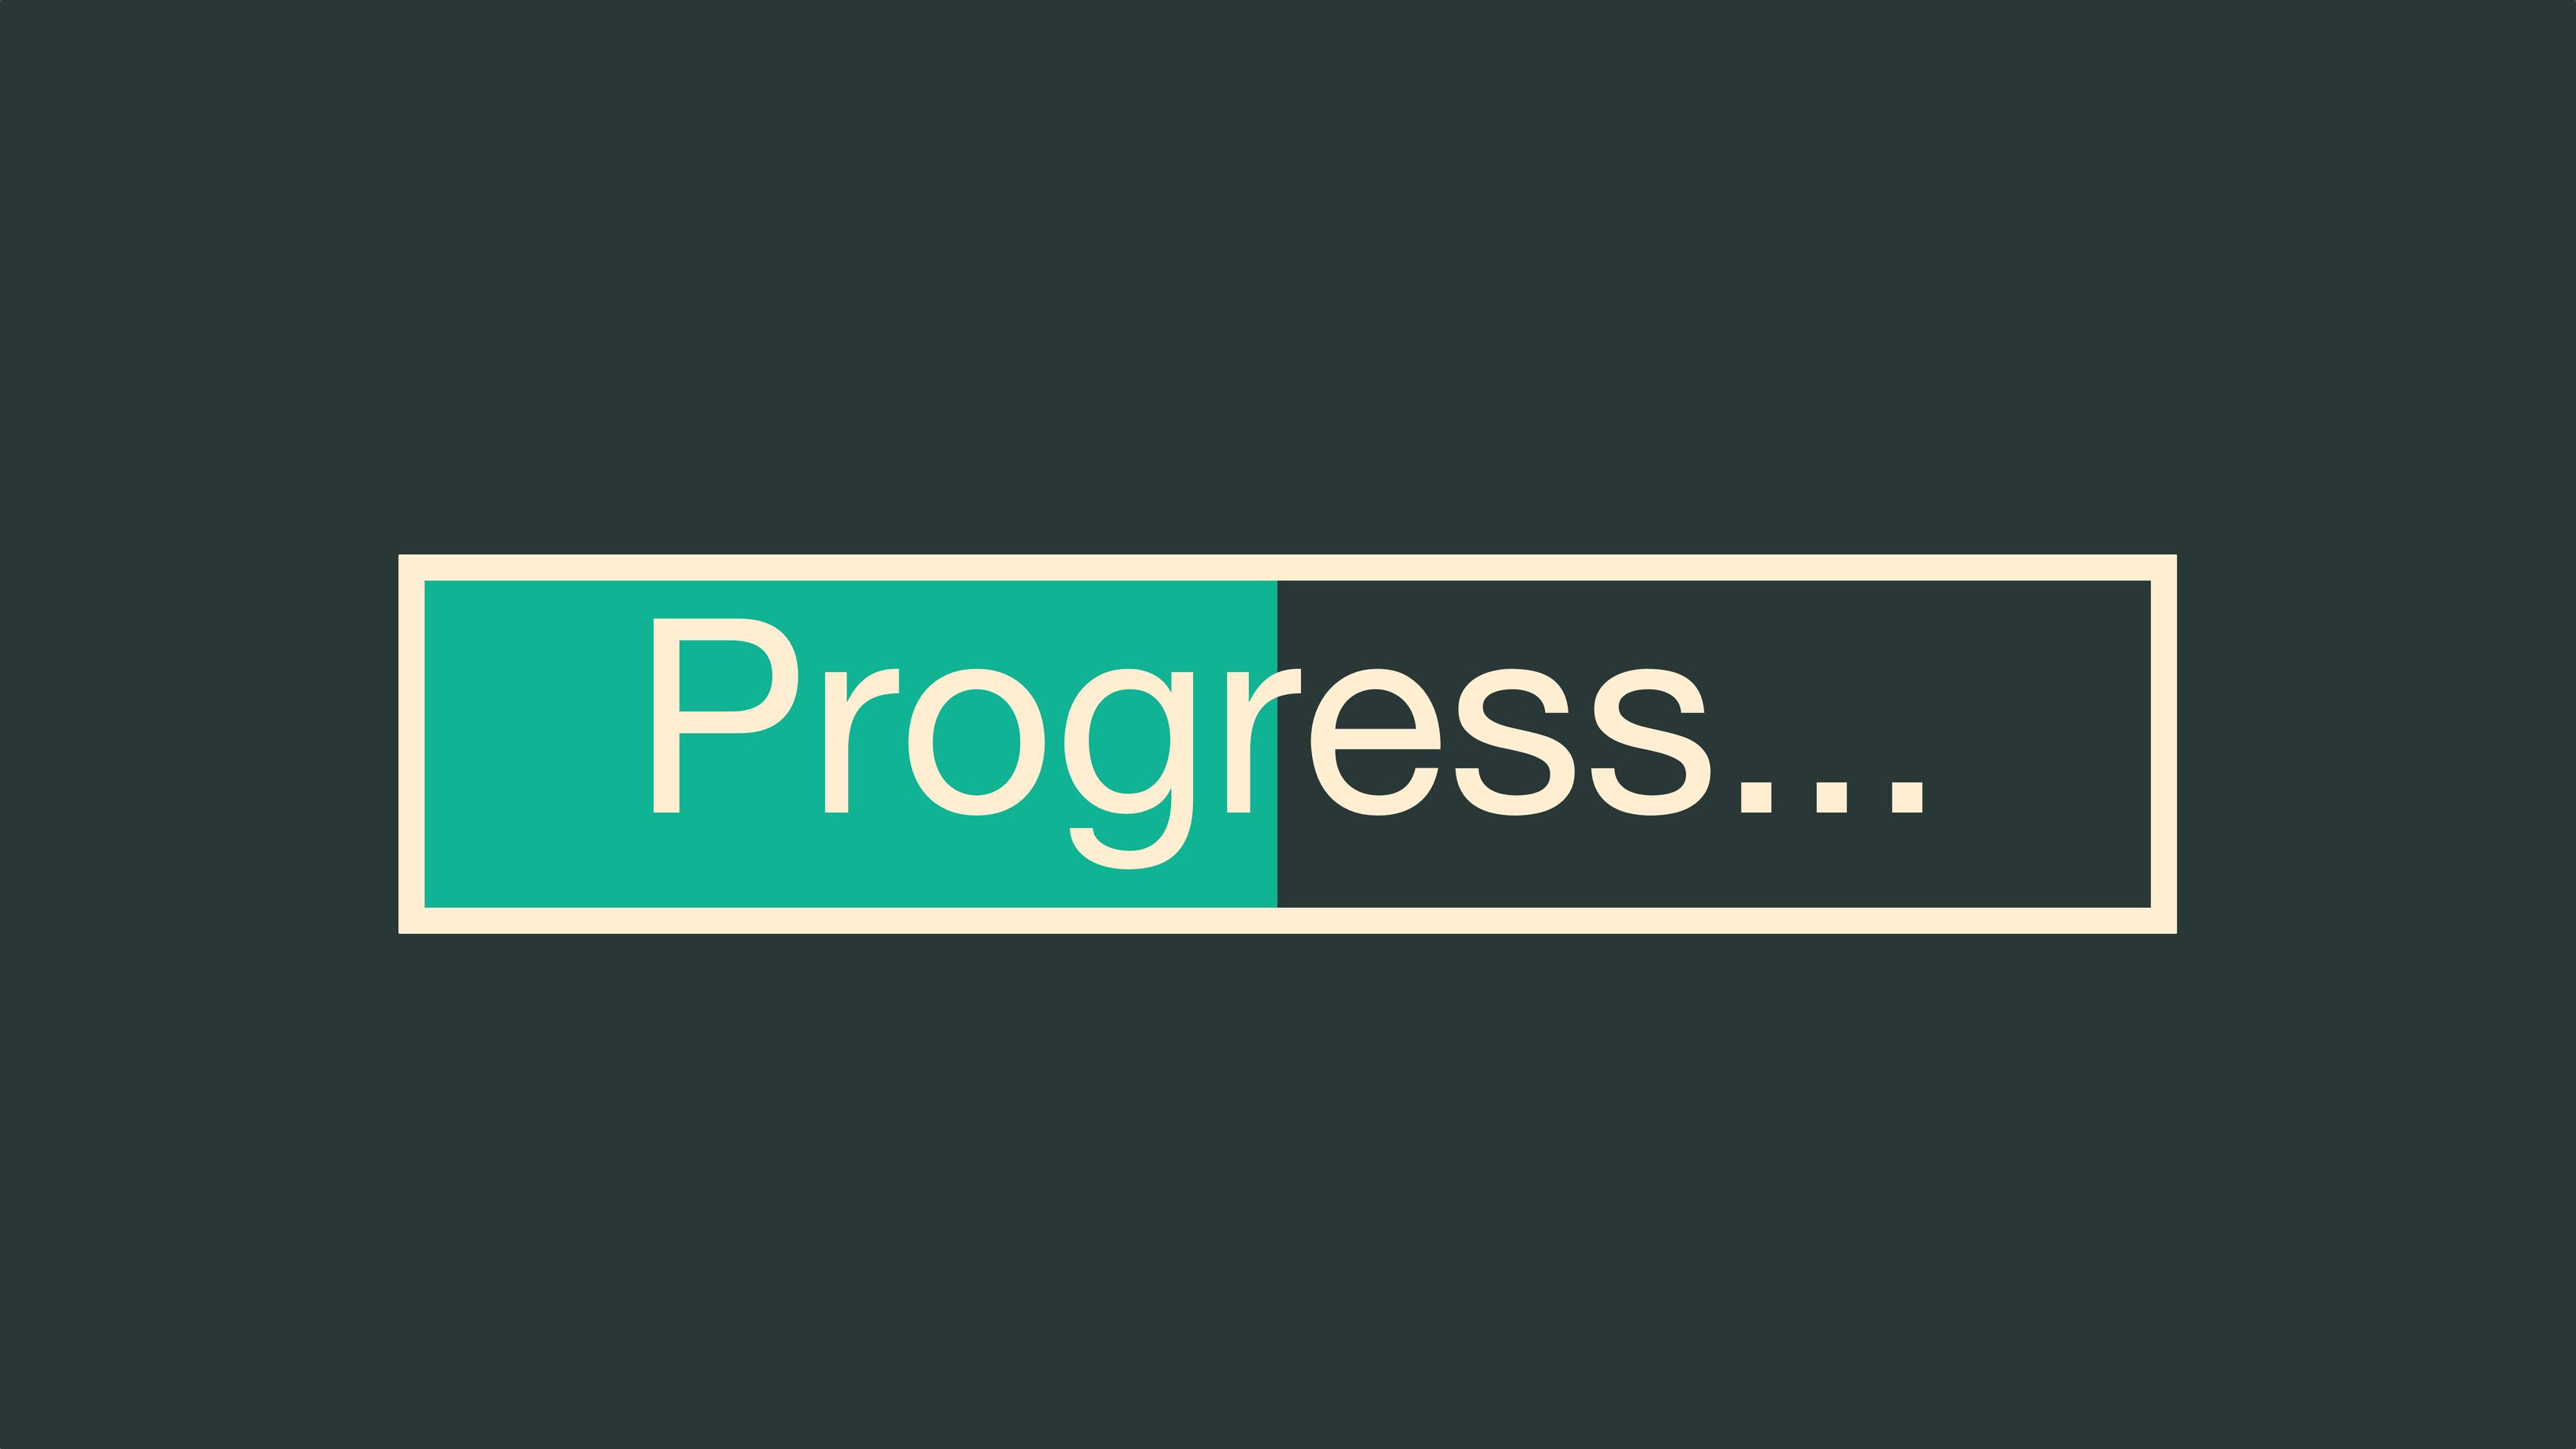 Progress Bar 5K Wallpaper by RV770